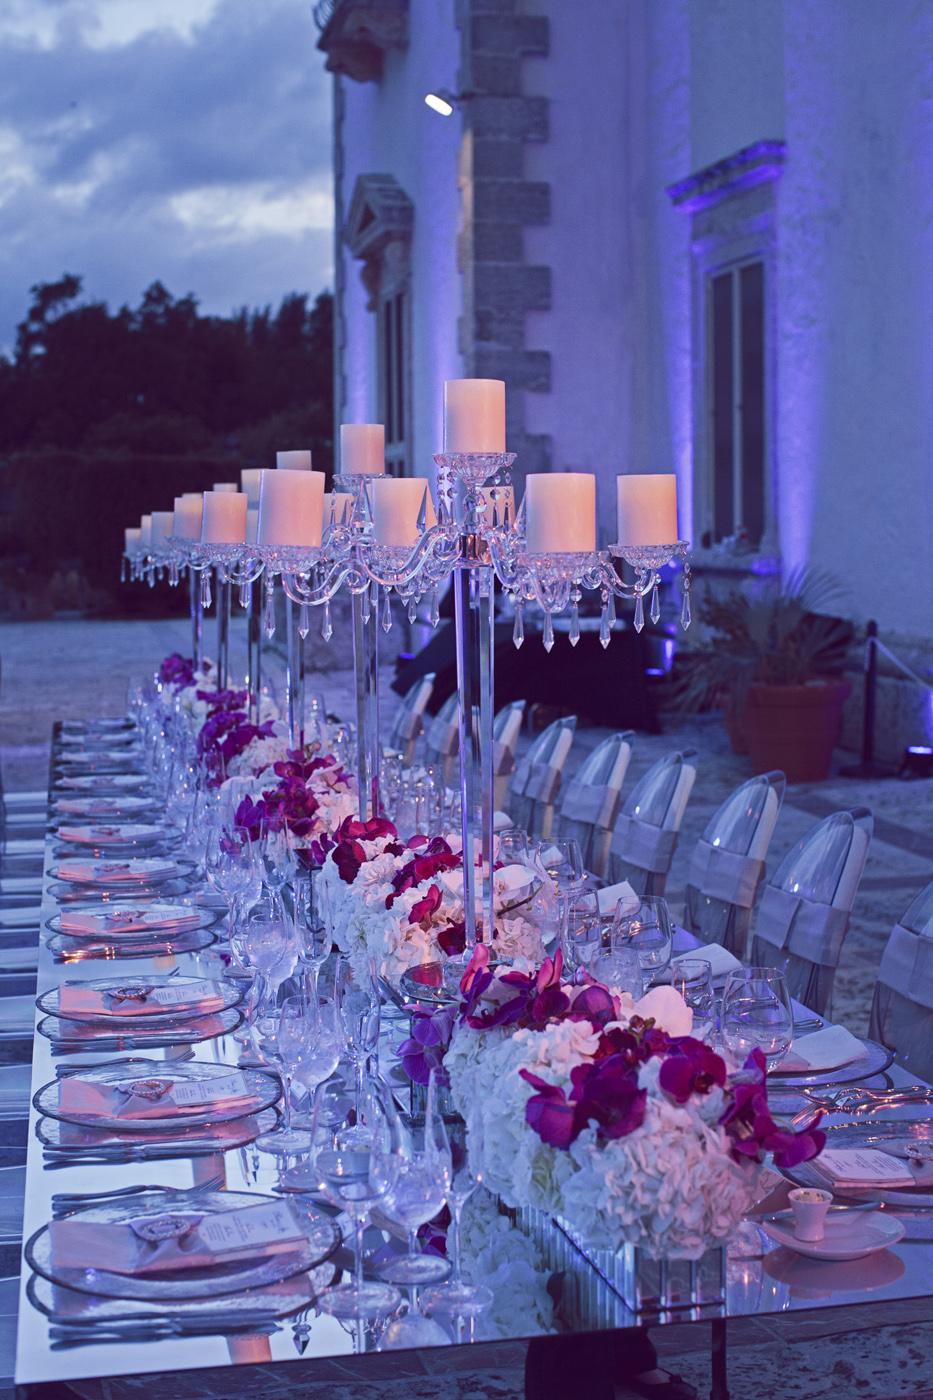 028_DukePhotography_DukeImages_Wedding_Details.jpg